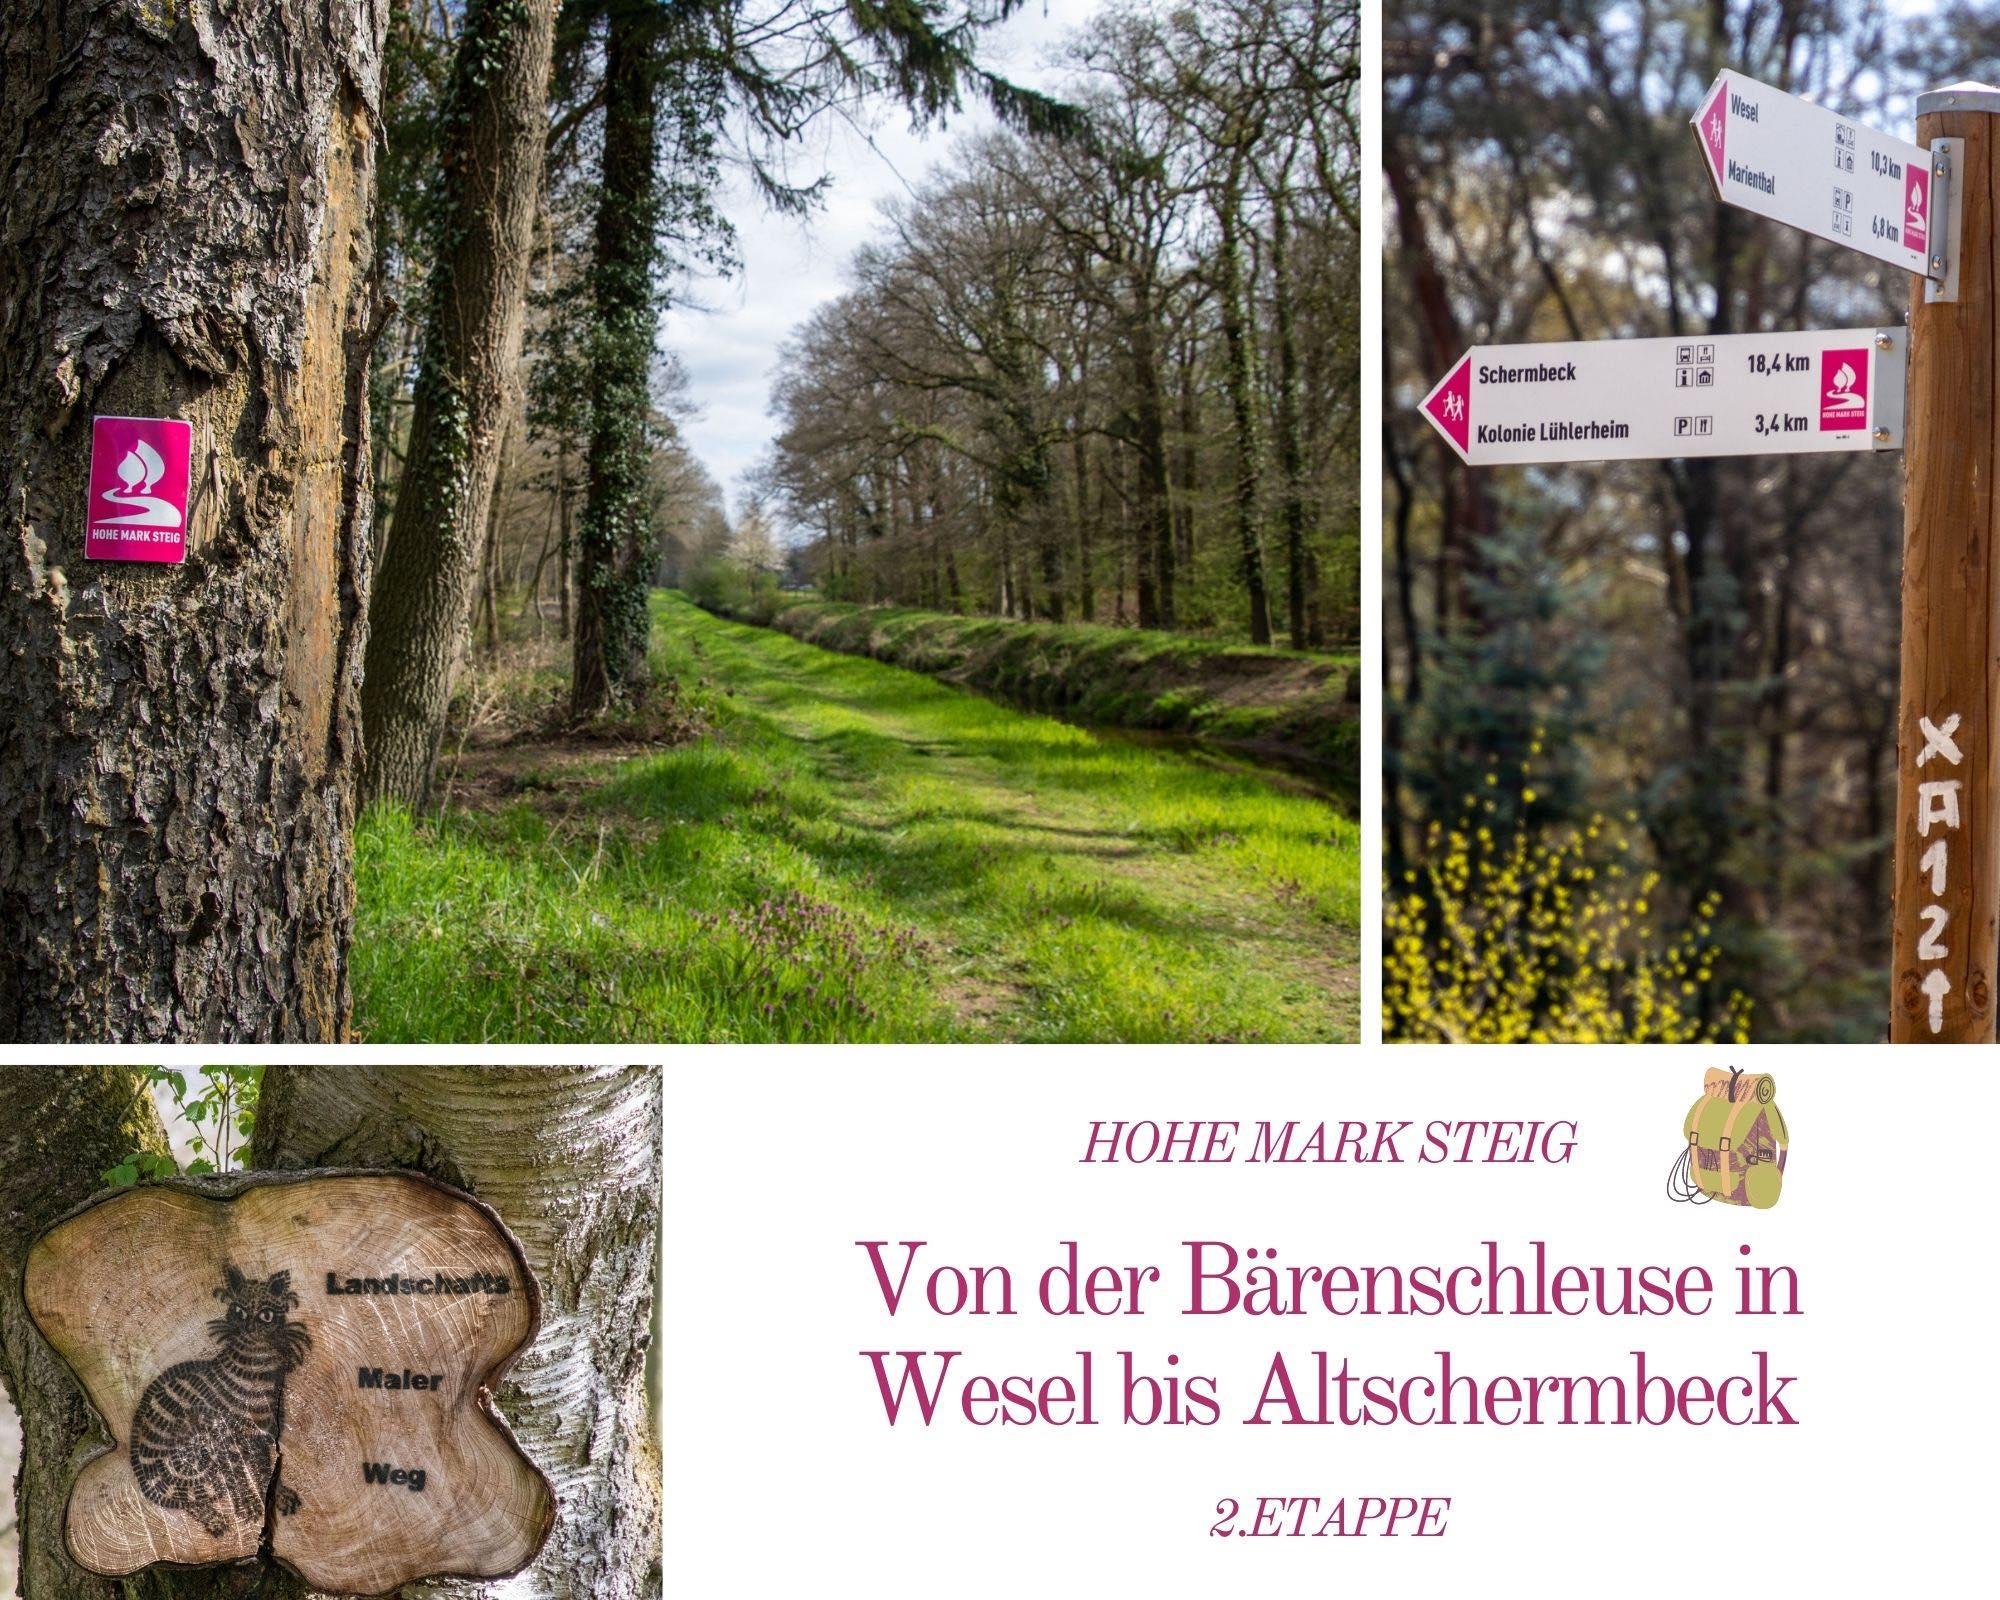 Wandern auf dem Hohe Mark Steig – 2.Etappe – Von der Bärenschleuse nach Altschermbeck